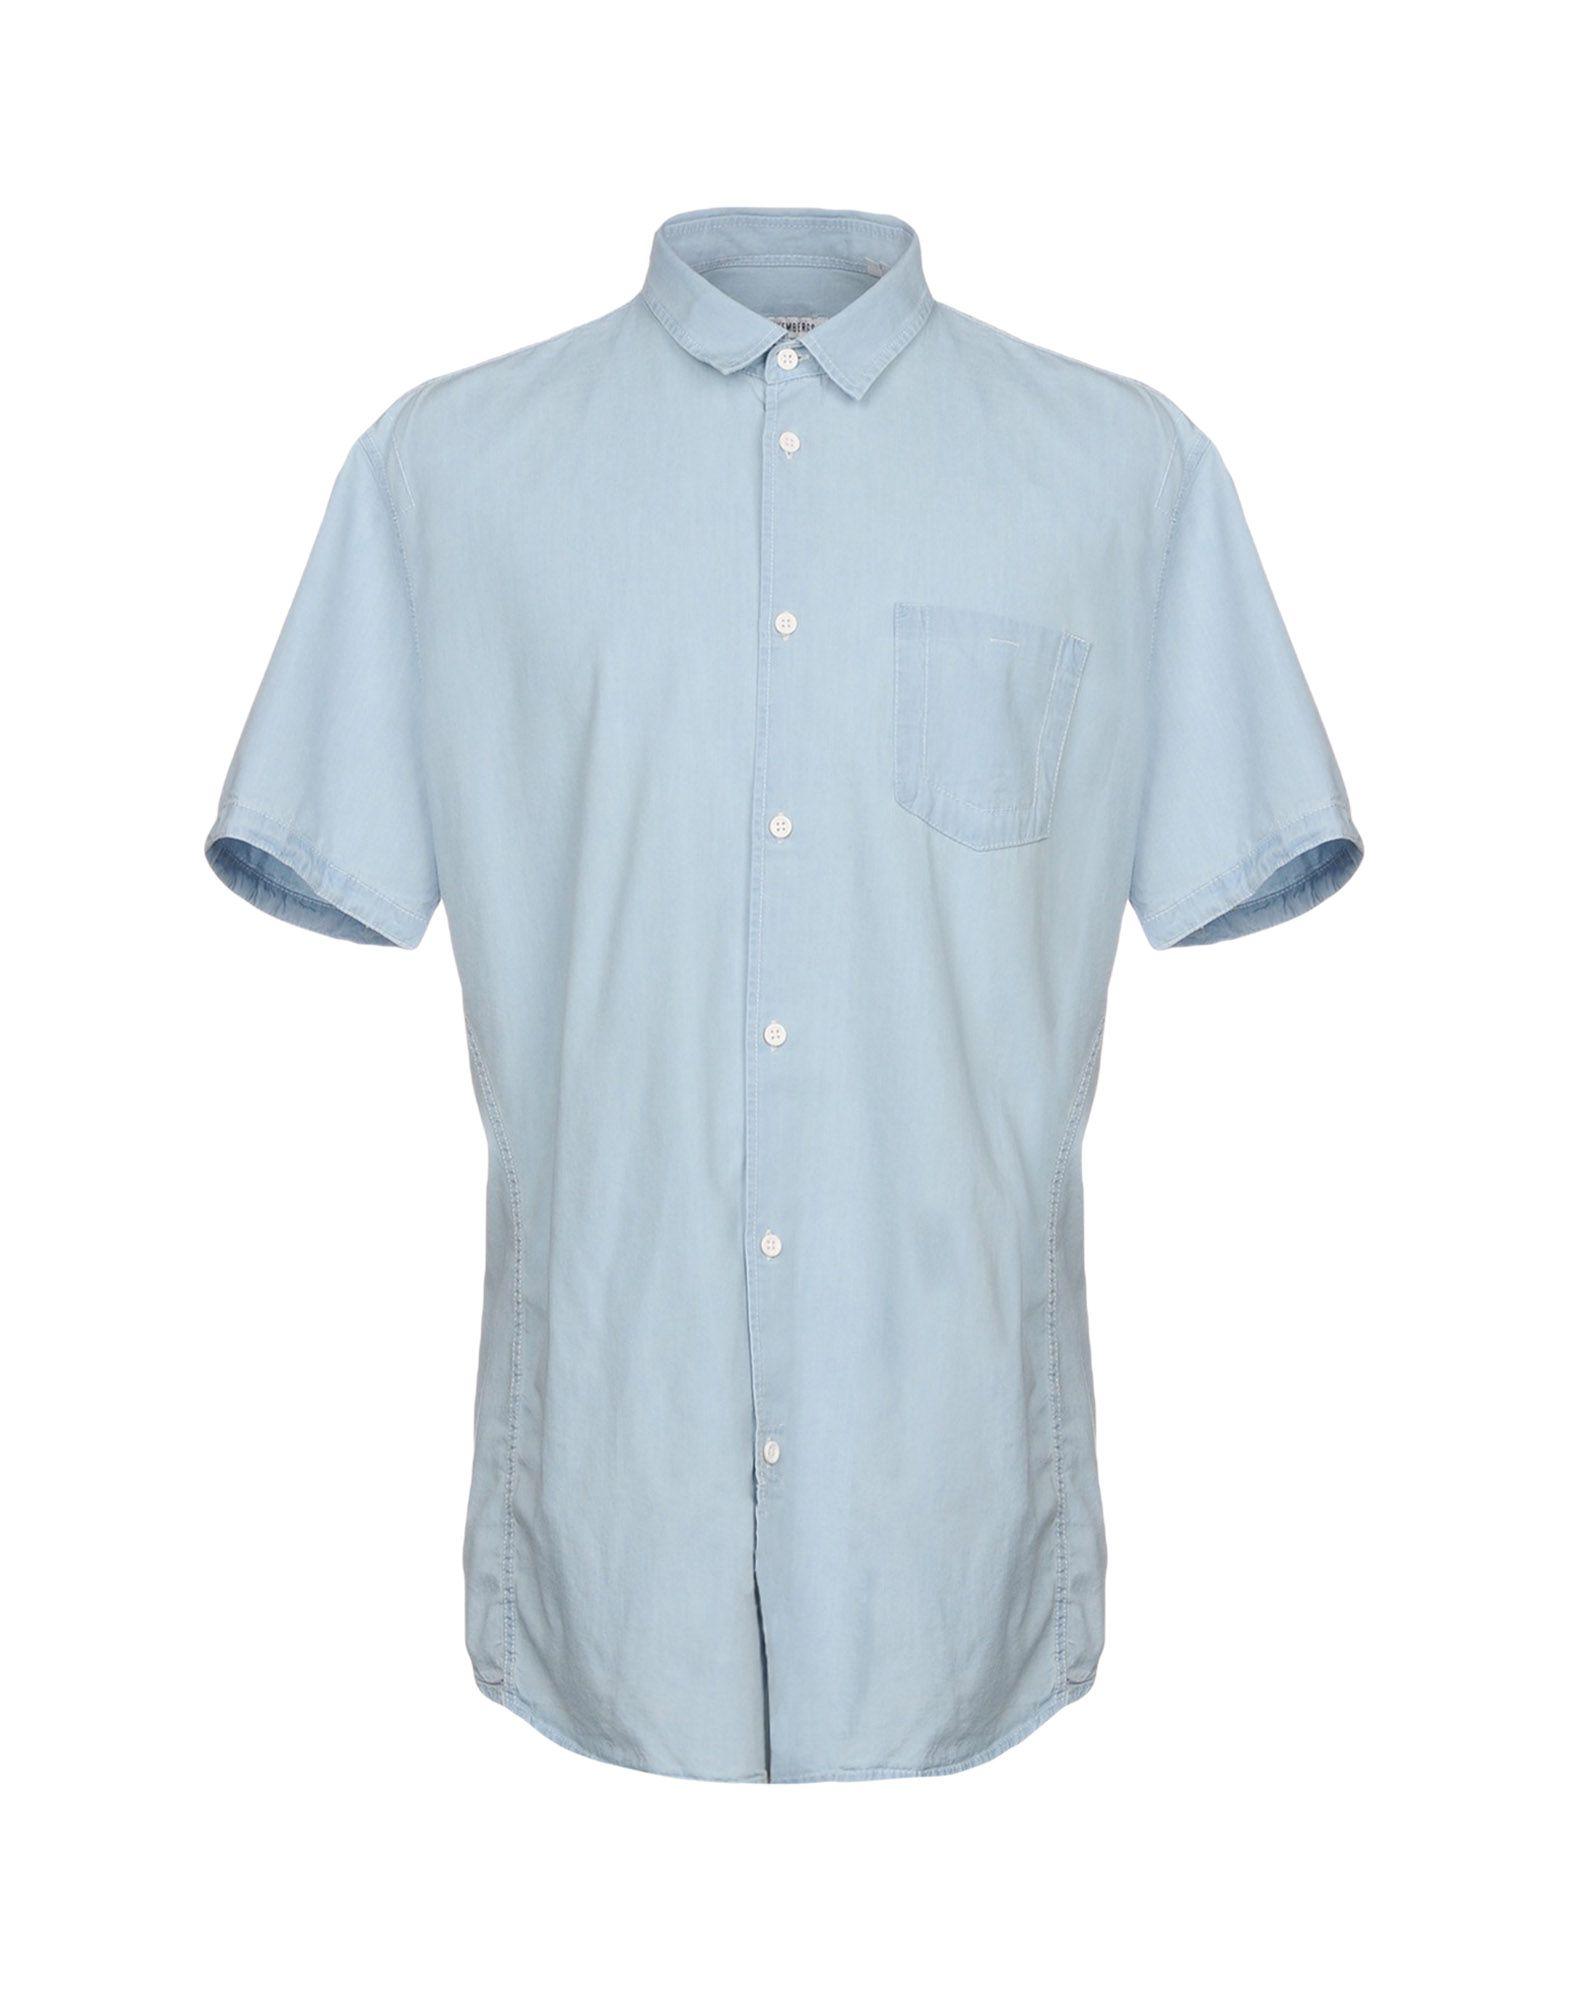 BIKKEMBERGS Джинсовая рубашка life sux джинсовая рубашка